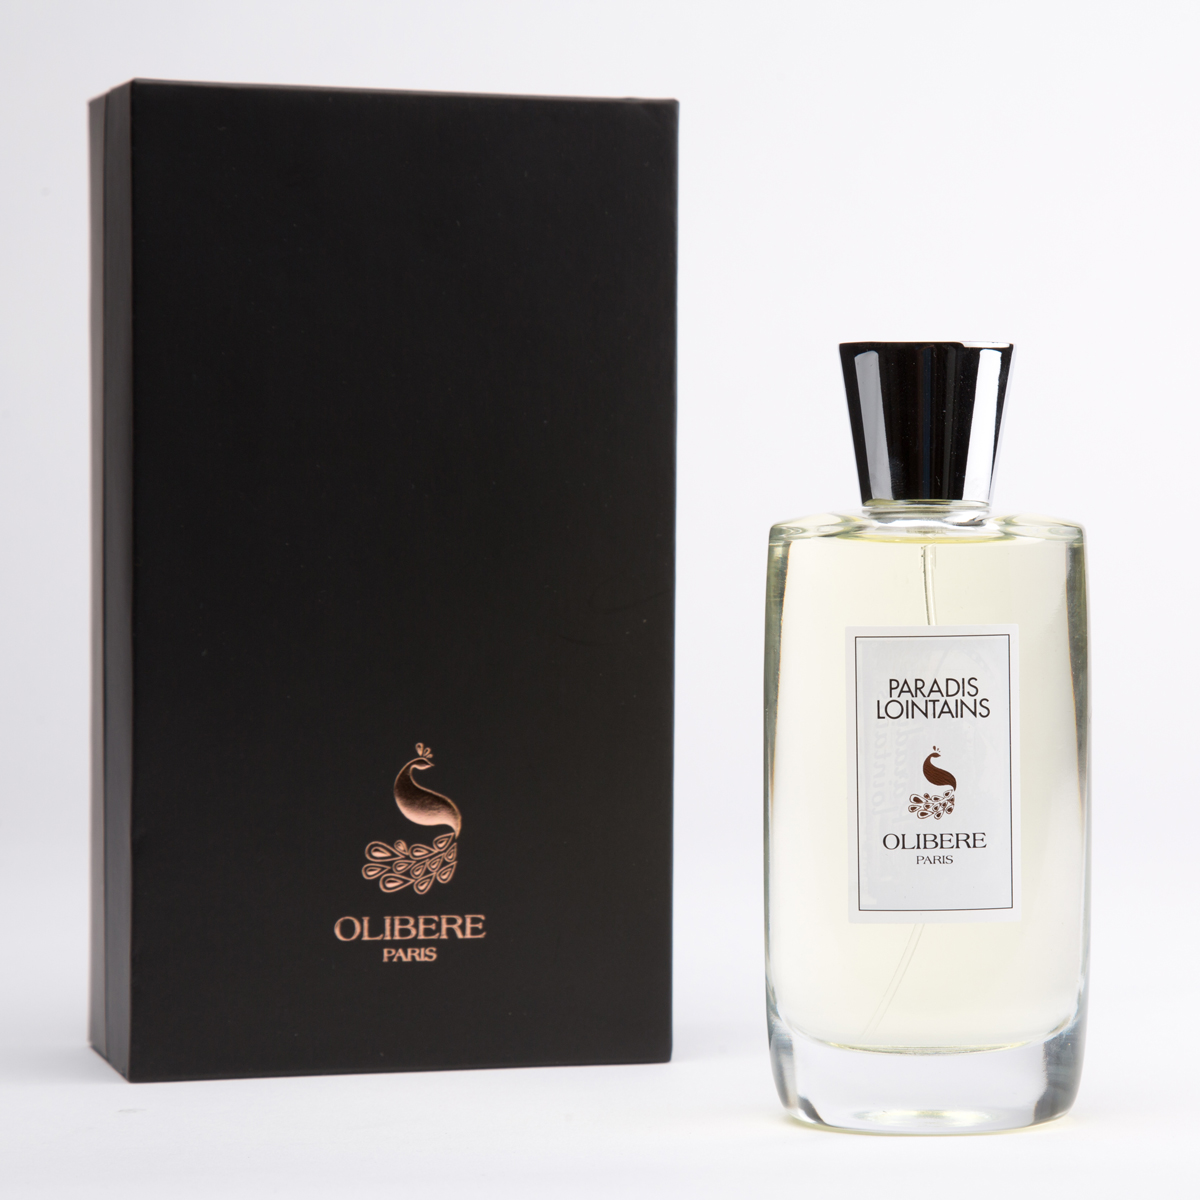 paradis lointains olibere parfums parfum un nouveau parfum pour homme et femme 2015. Black Bedroom Furniture Sets. Home Design Ideas